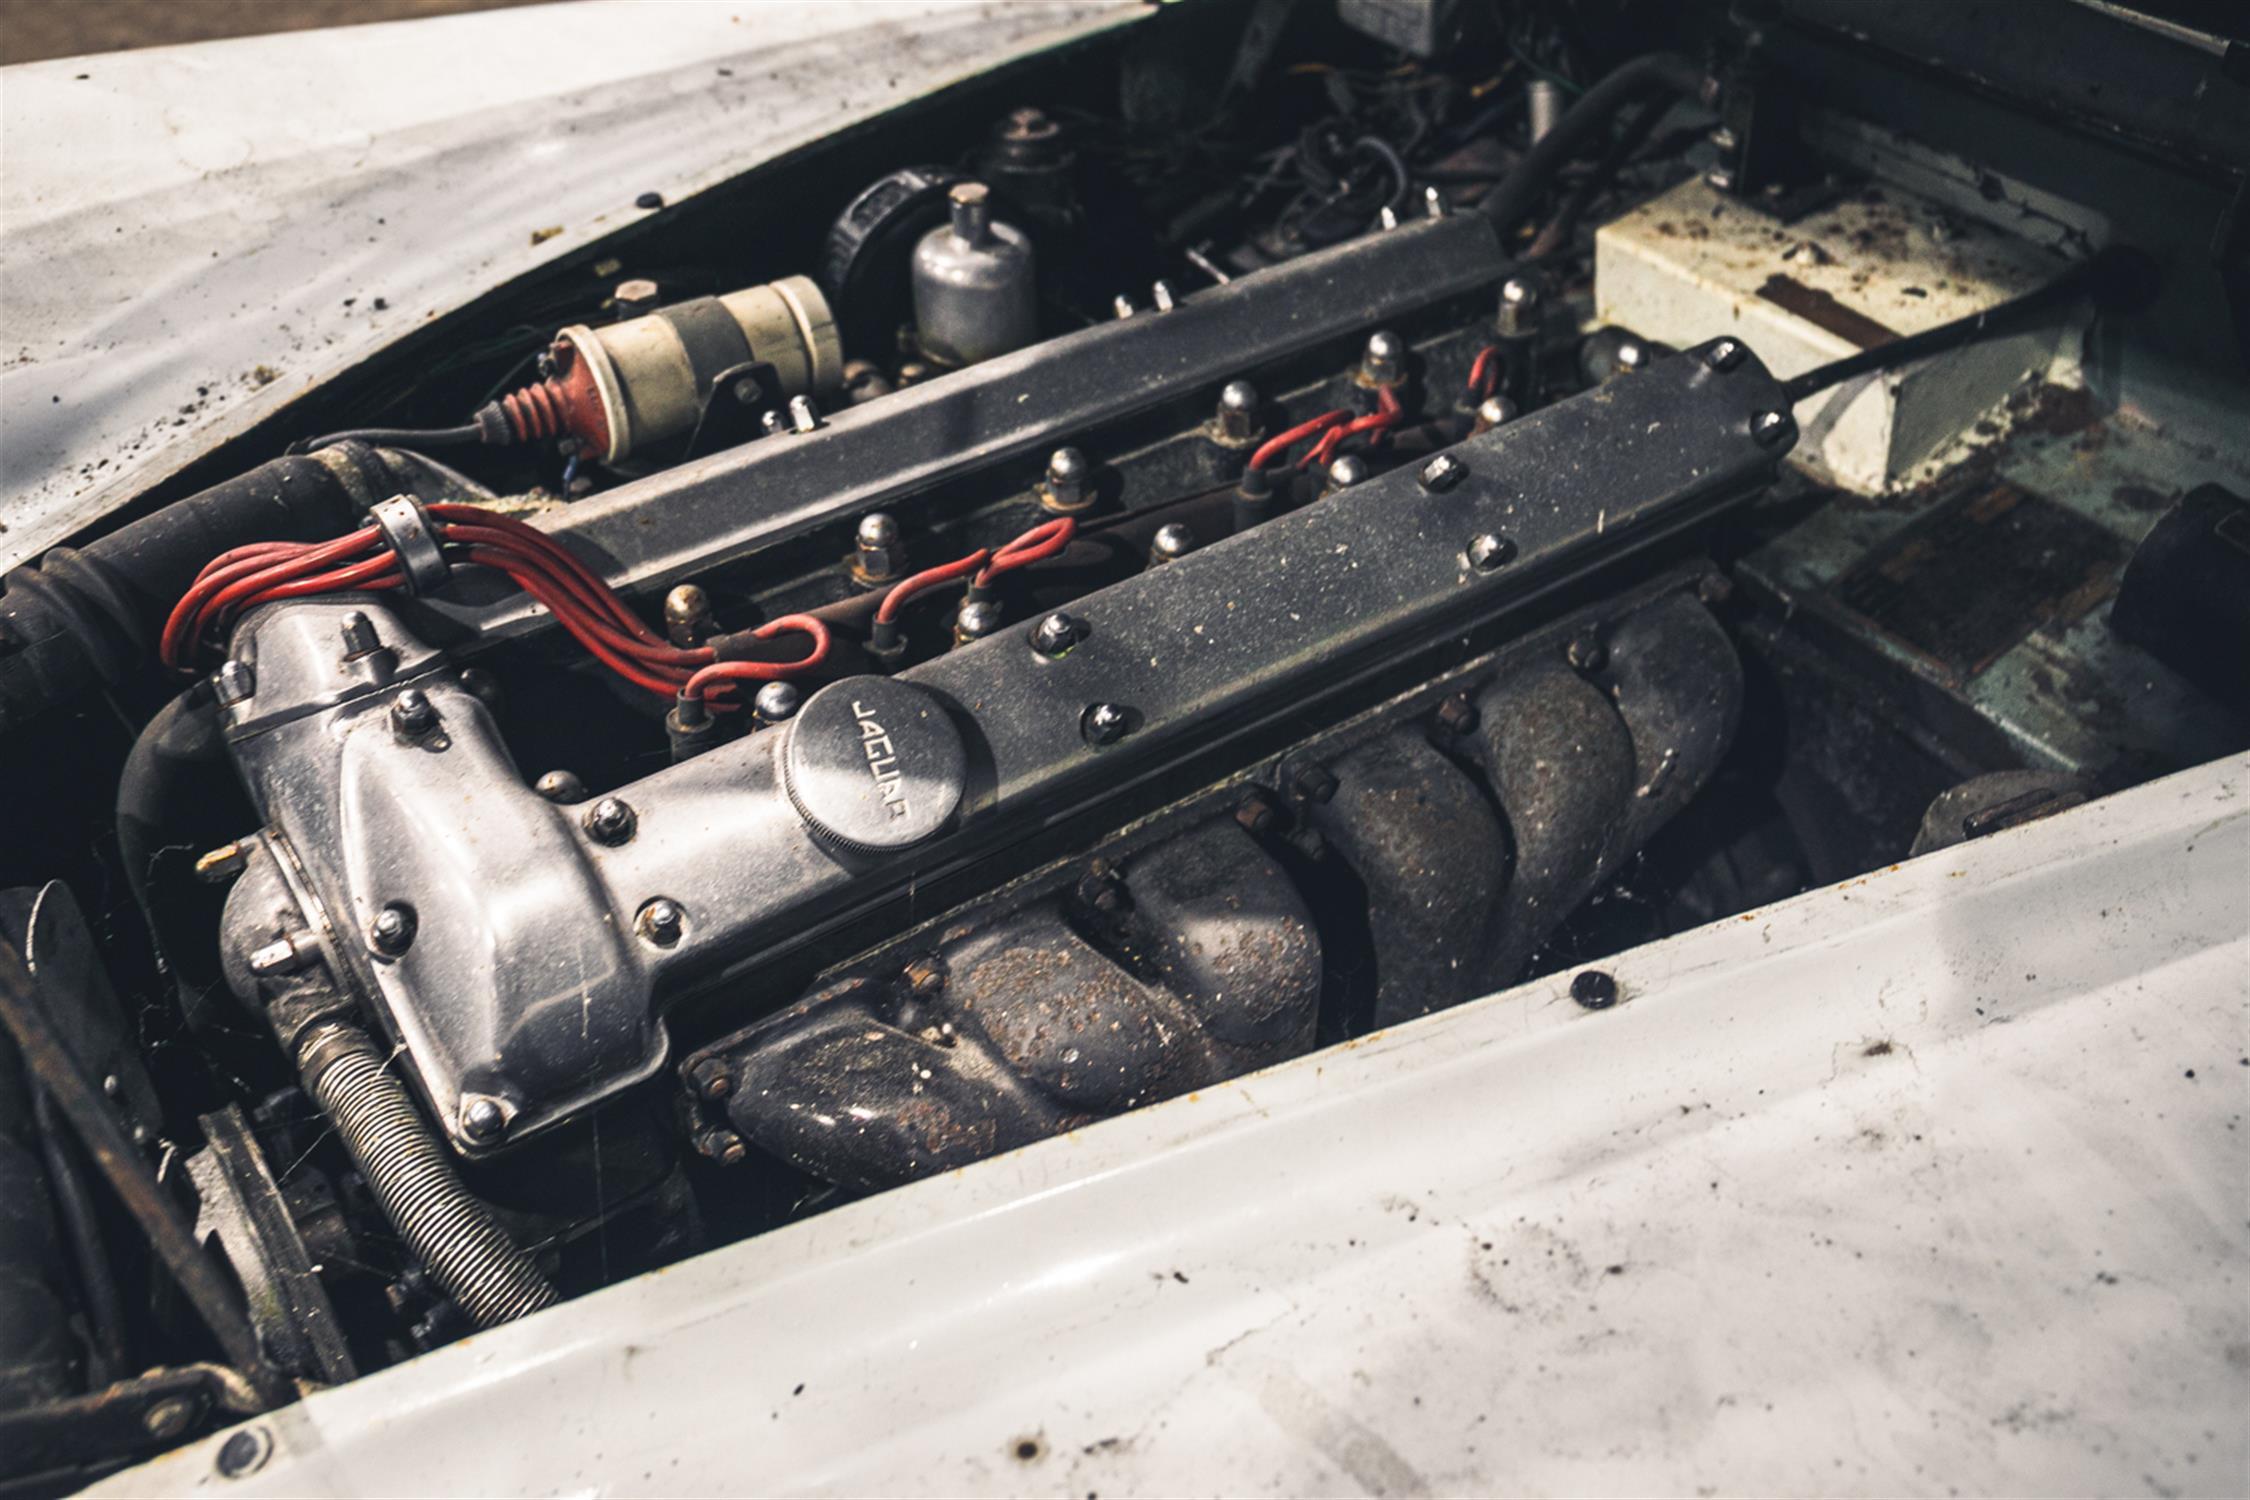 1955 Jaguar XK140 DHC - Image 4 of 10